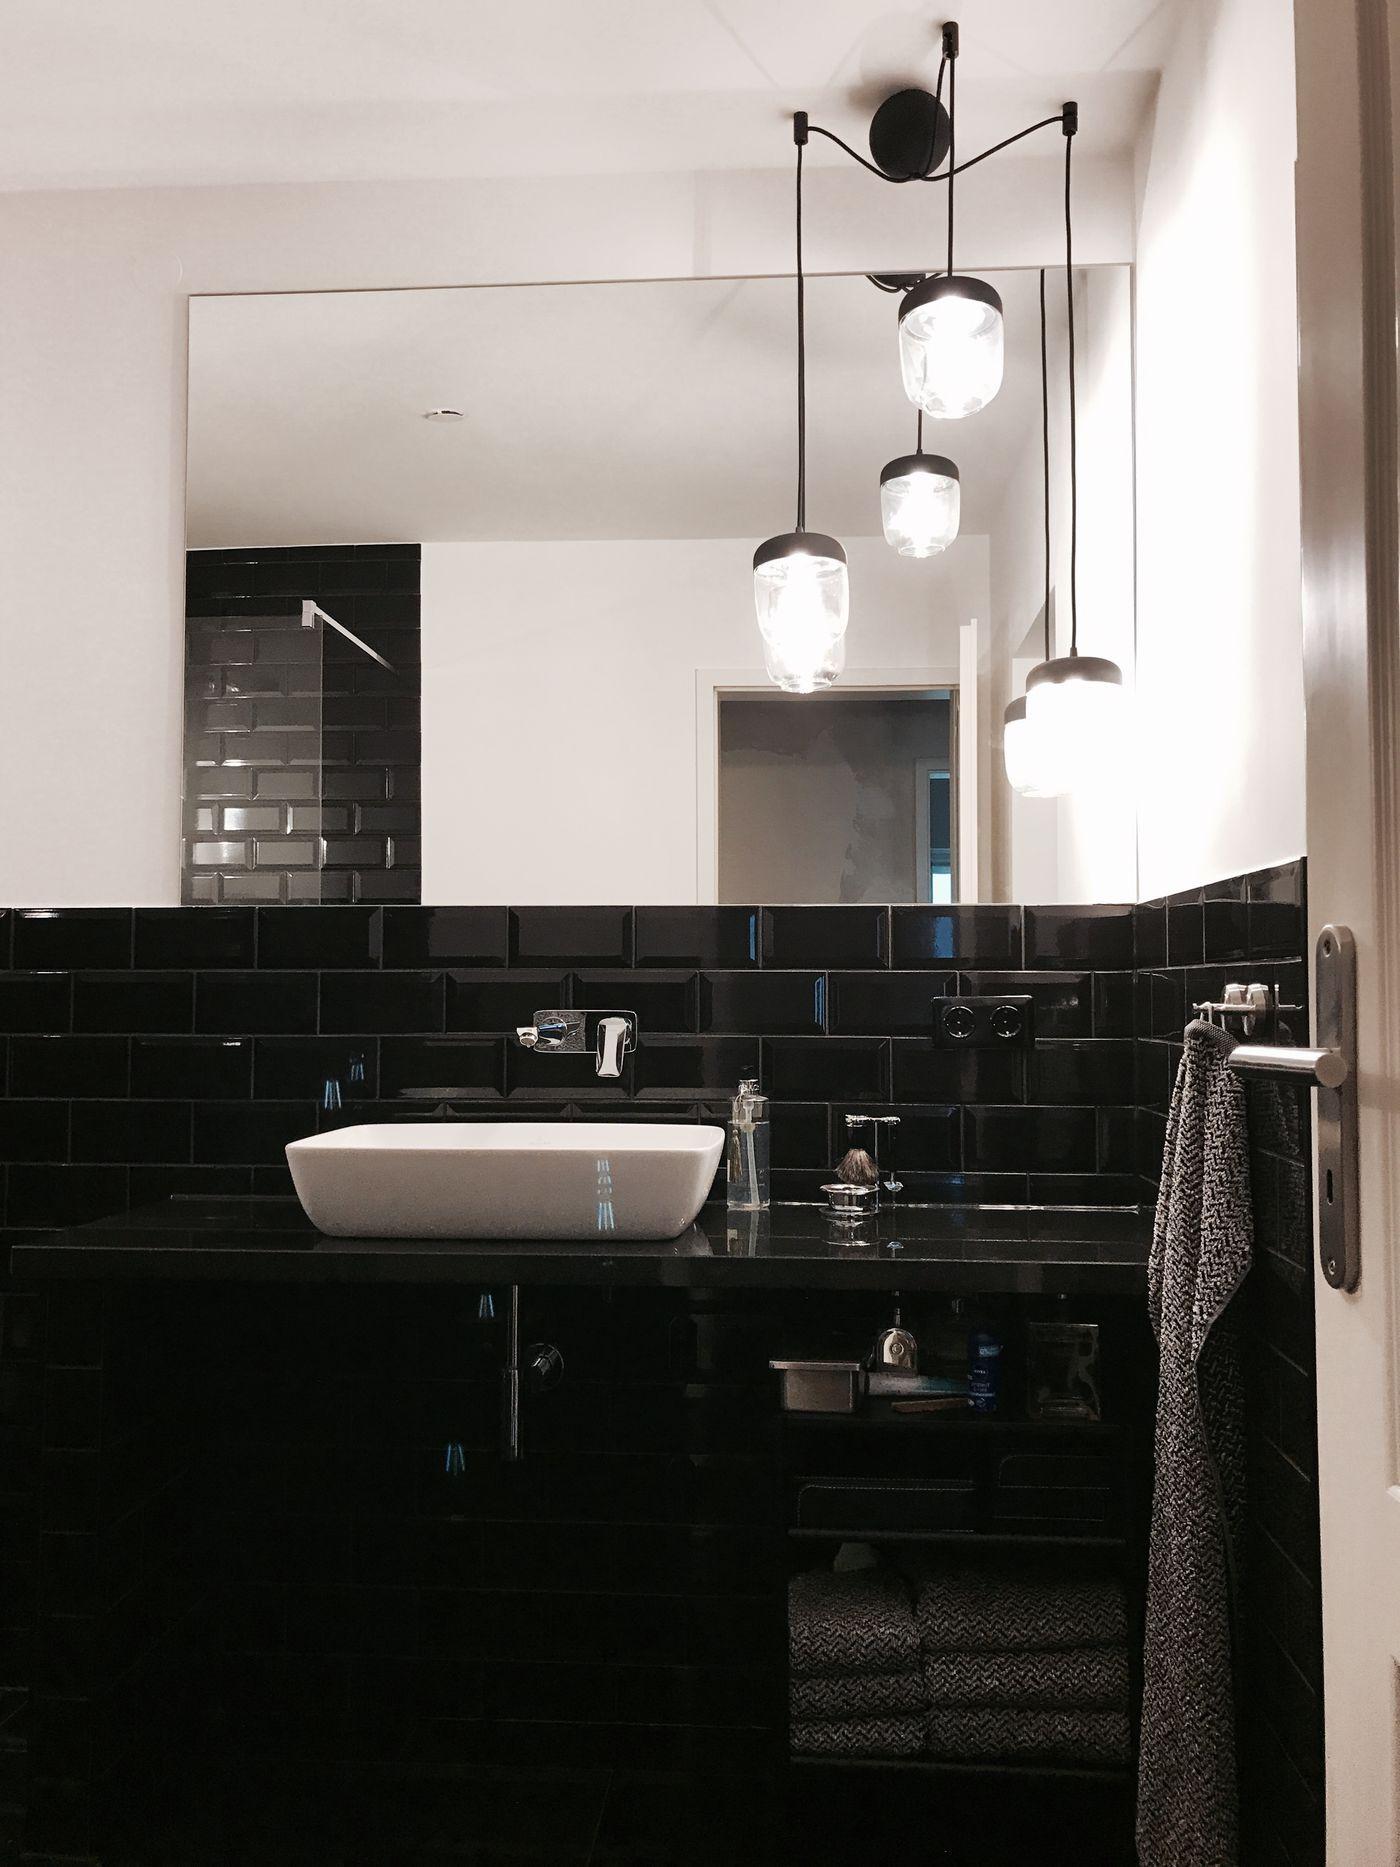 die sch nsten badezimmer ideen seite 12. Black Bedroom Furniture Sets. Home Design Ideas